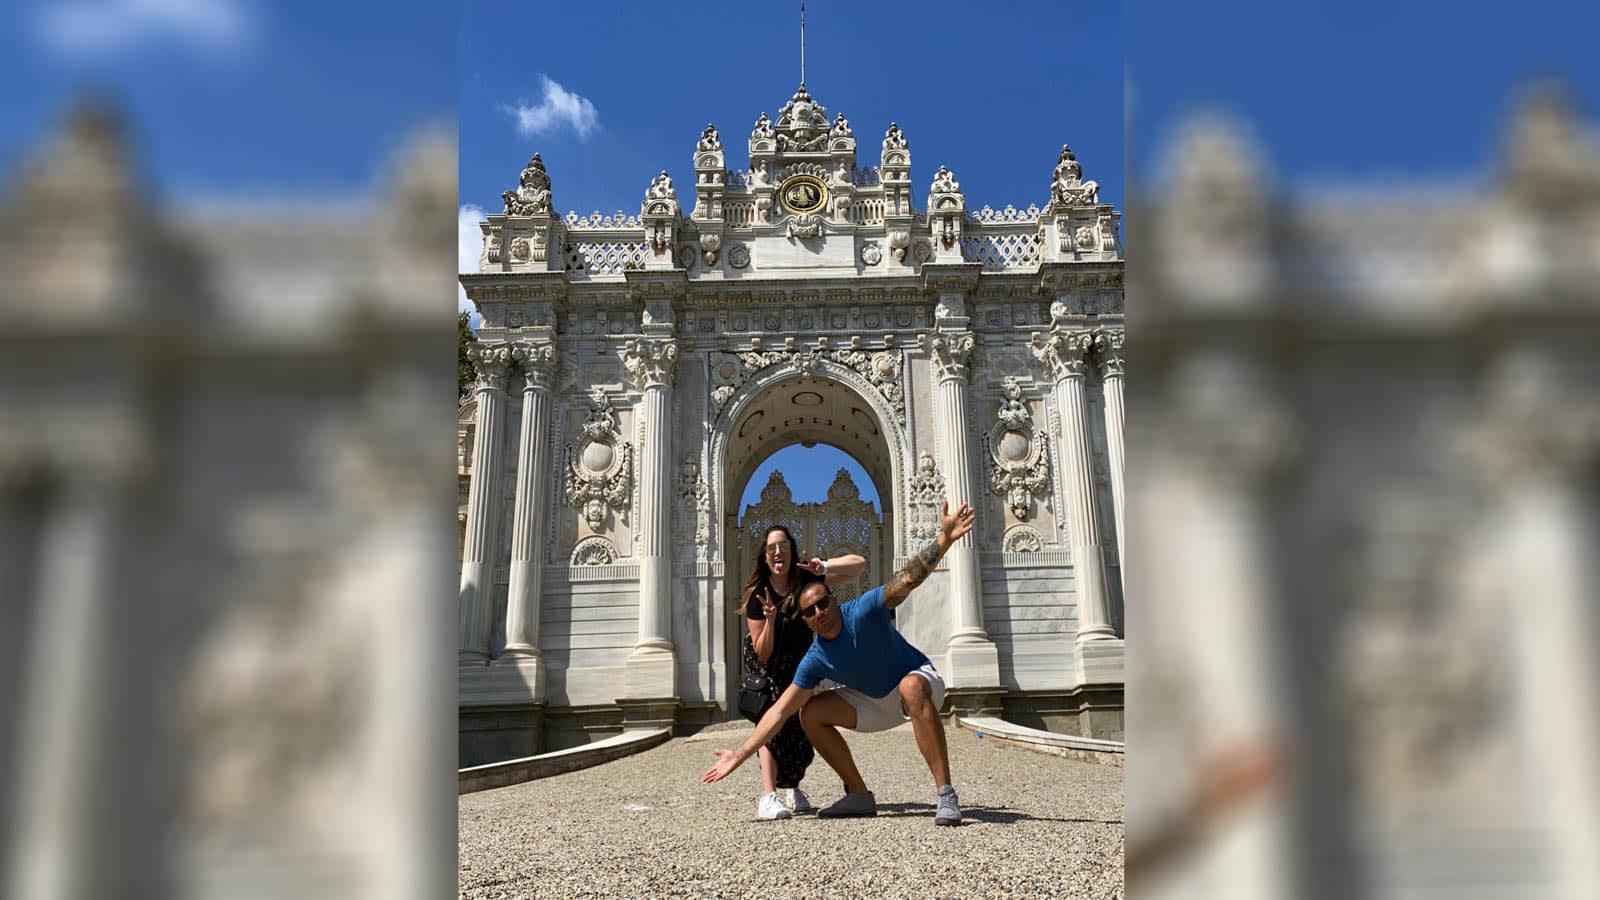 غريبان قررا قضاء إجازة معا في تركيا بعد رفض أي شخص السفر معهما